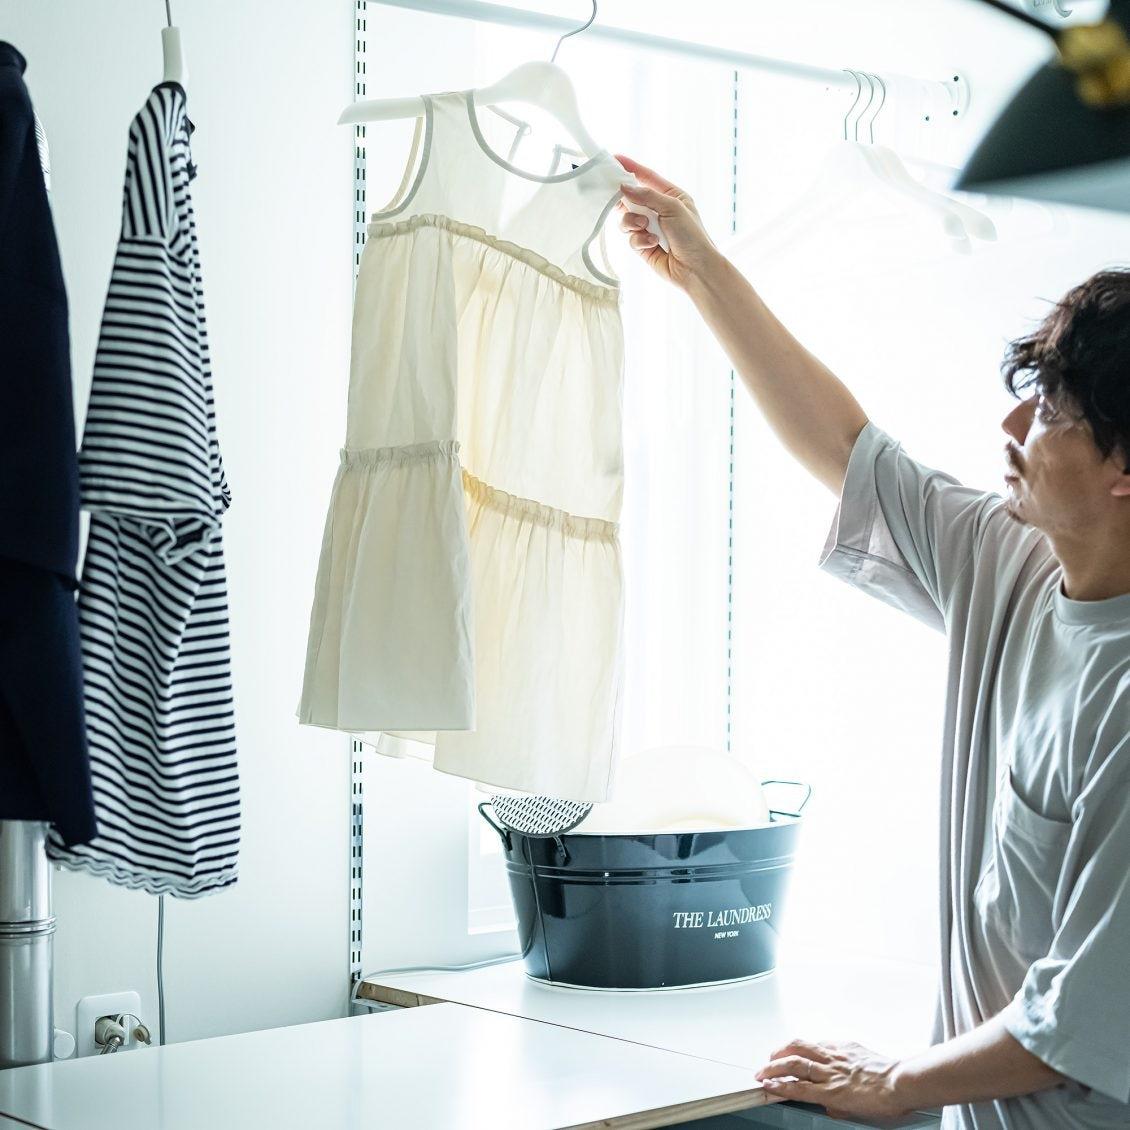 【洗濯をスマートに】だれでも、いつでも、きちんと。自然に手が動く洗濯ルーティーン、聞きました